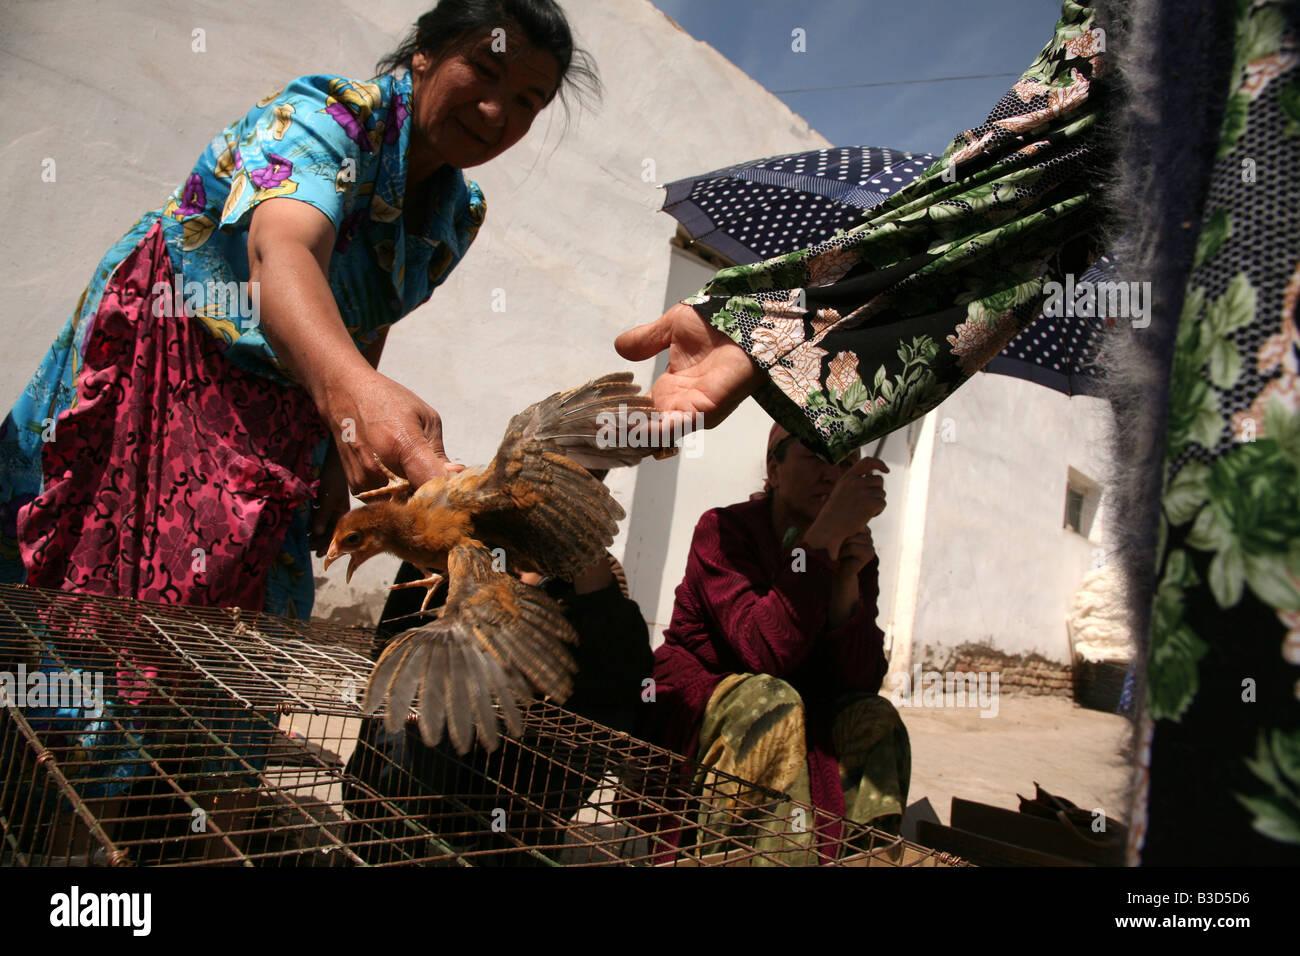 Mercato di pollame in Urgench, Uzbekistan Immagini Stock